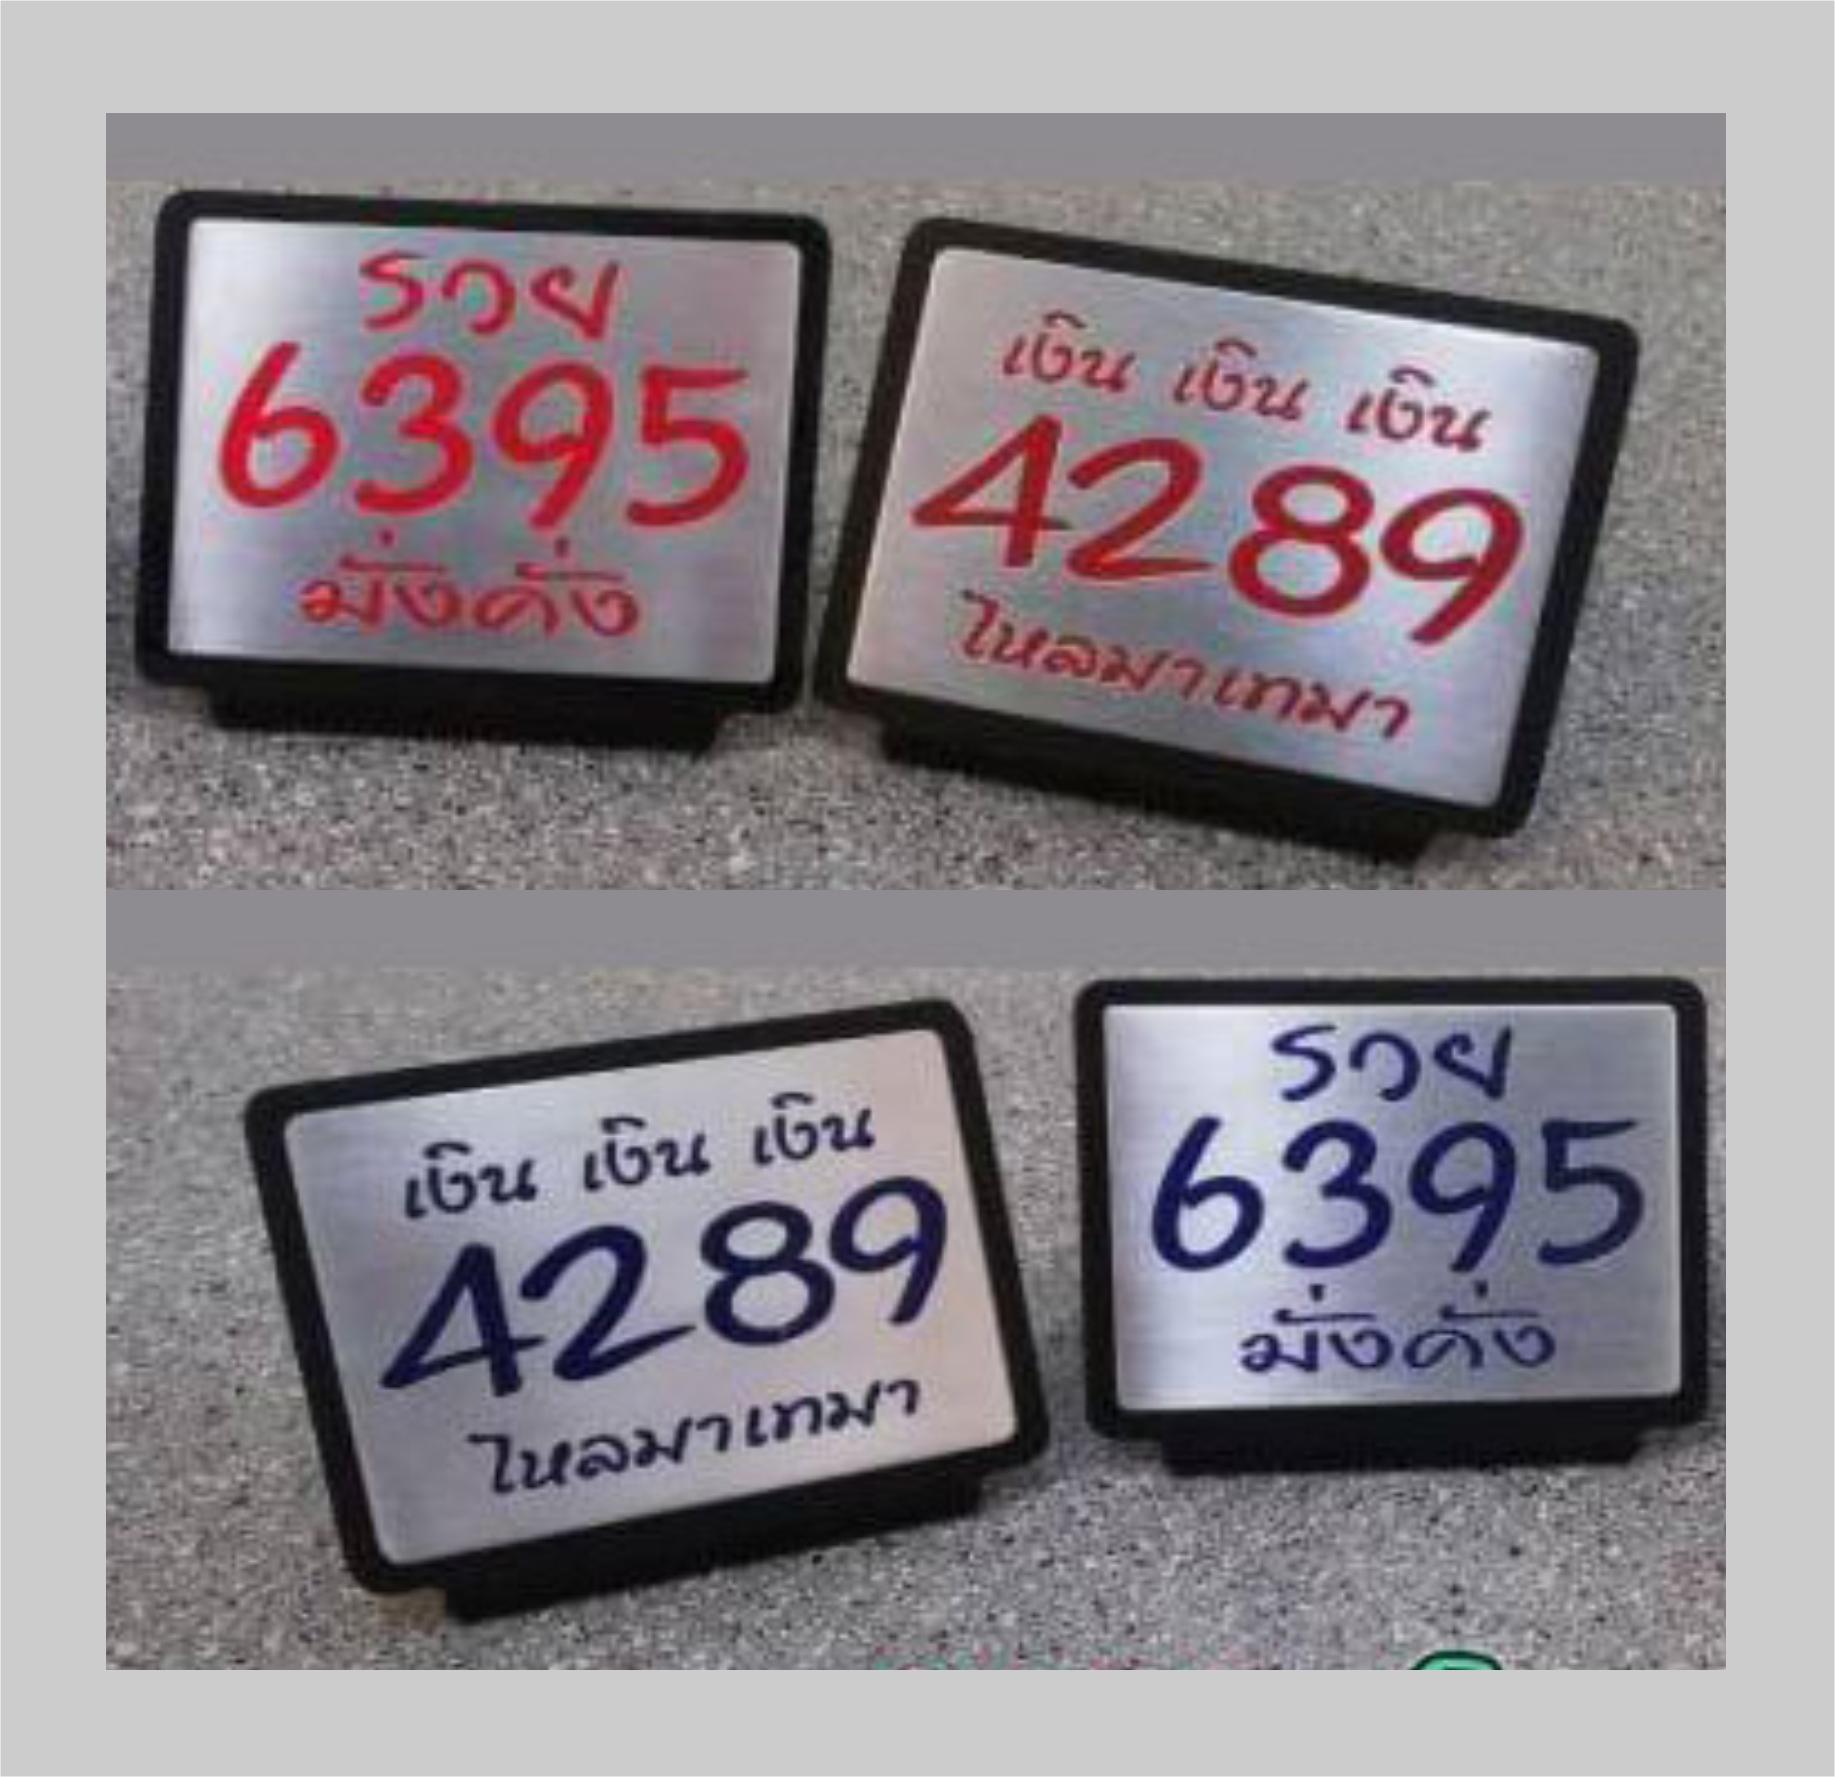 ป้าย เลขมงคล 4289 หรือ 6395 สแตนเลสกัดกรดลงสี - Herosign by UTHAIFARM : Inspired by LnwShop.com